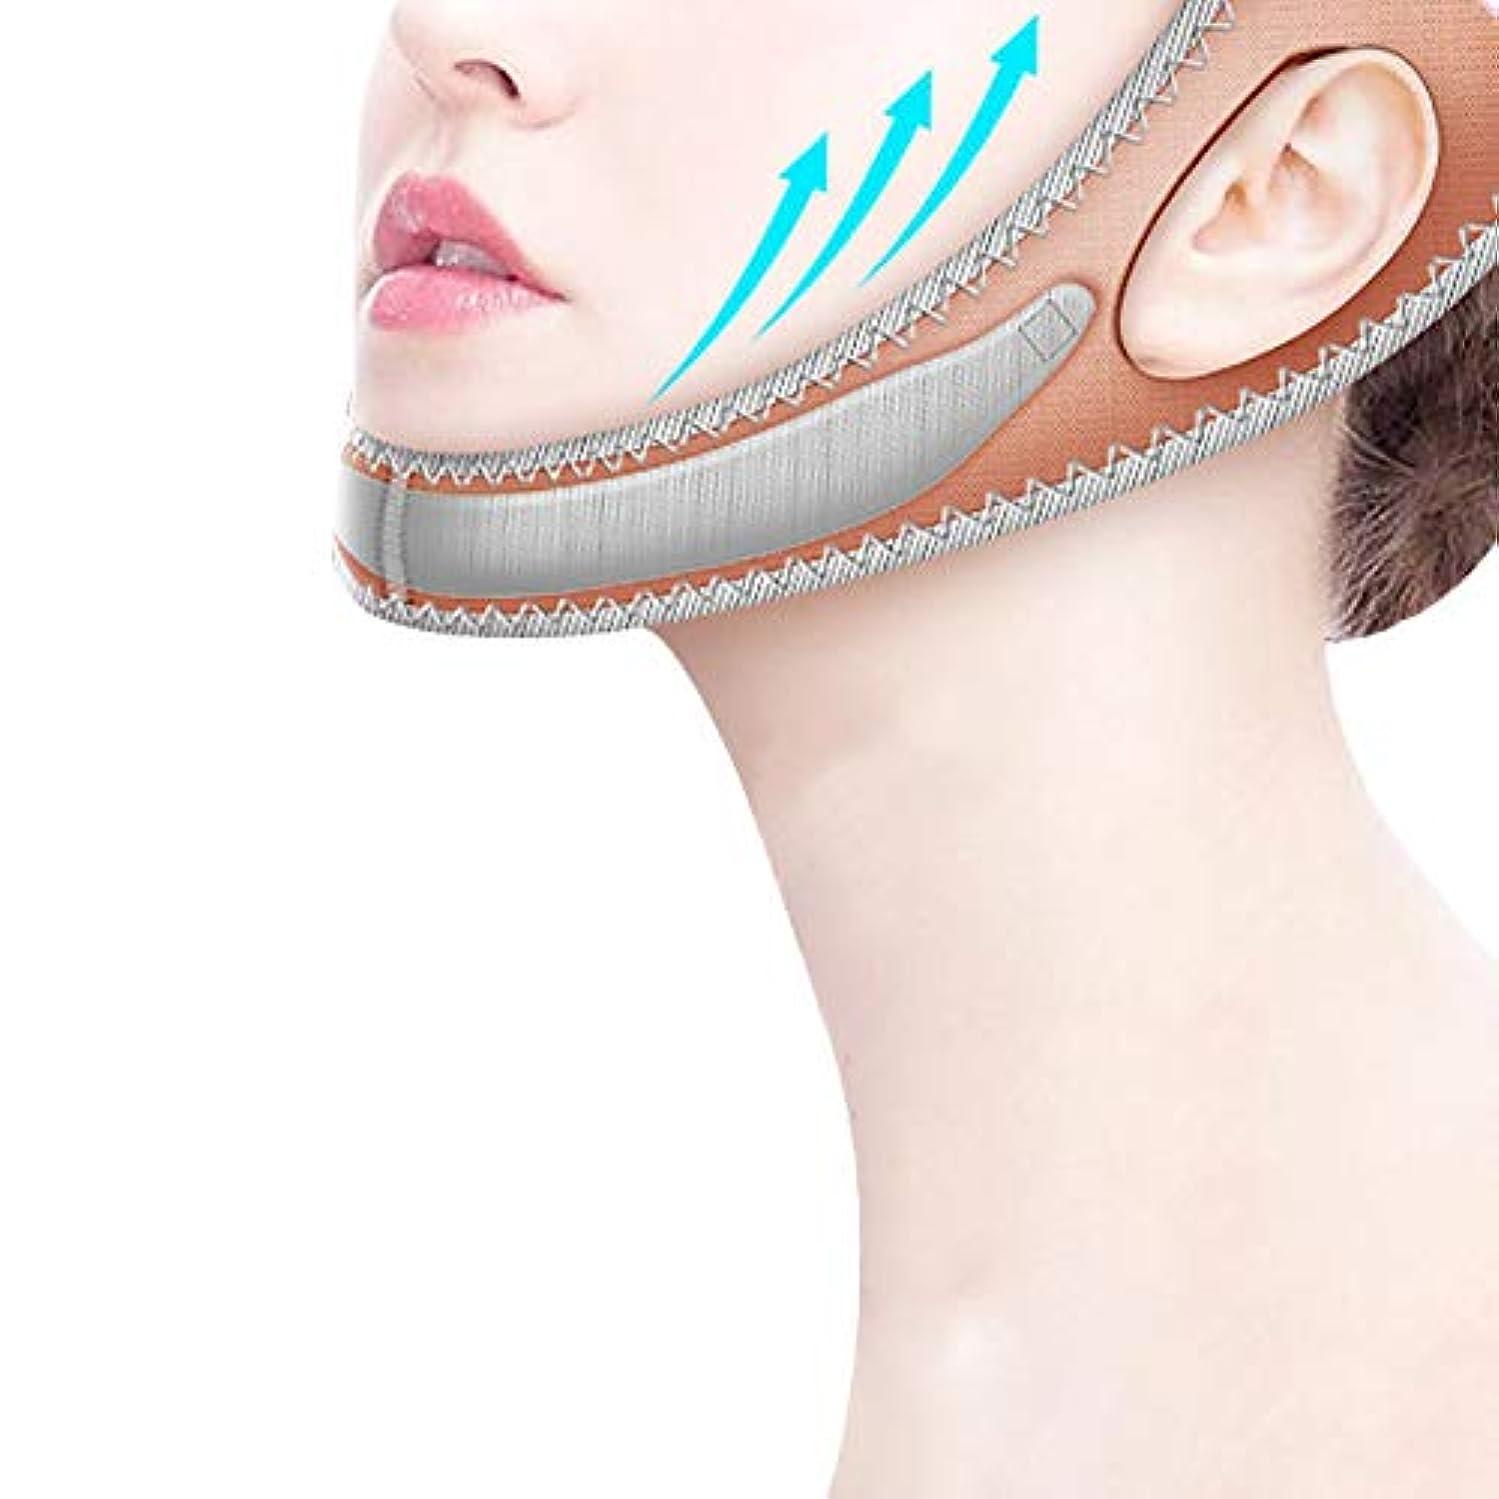 遺伝子豆腐予想する二重あごのプラスチック面の人工物の器械の美顔術のマッサージャーの近くで持ち上がる小さいVの表面の器械の包帯のマスクとの睡眠